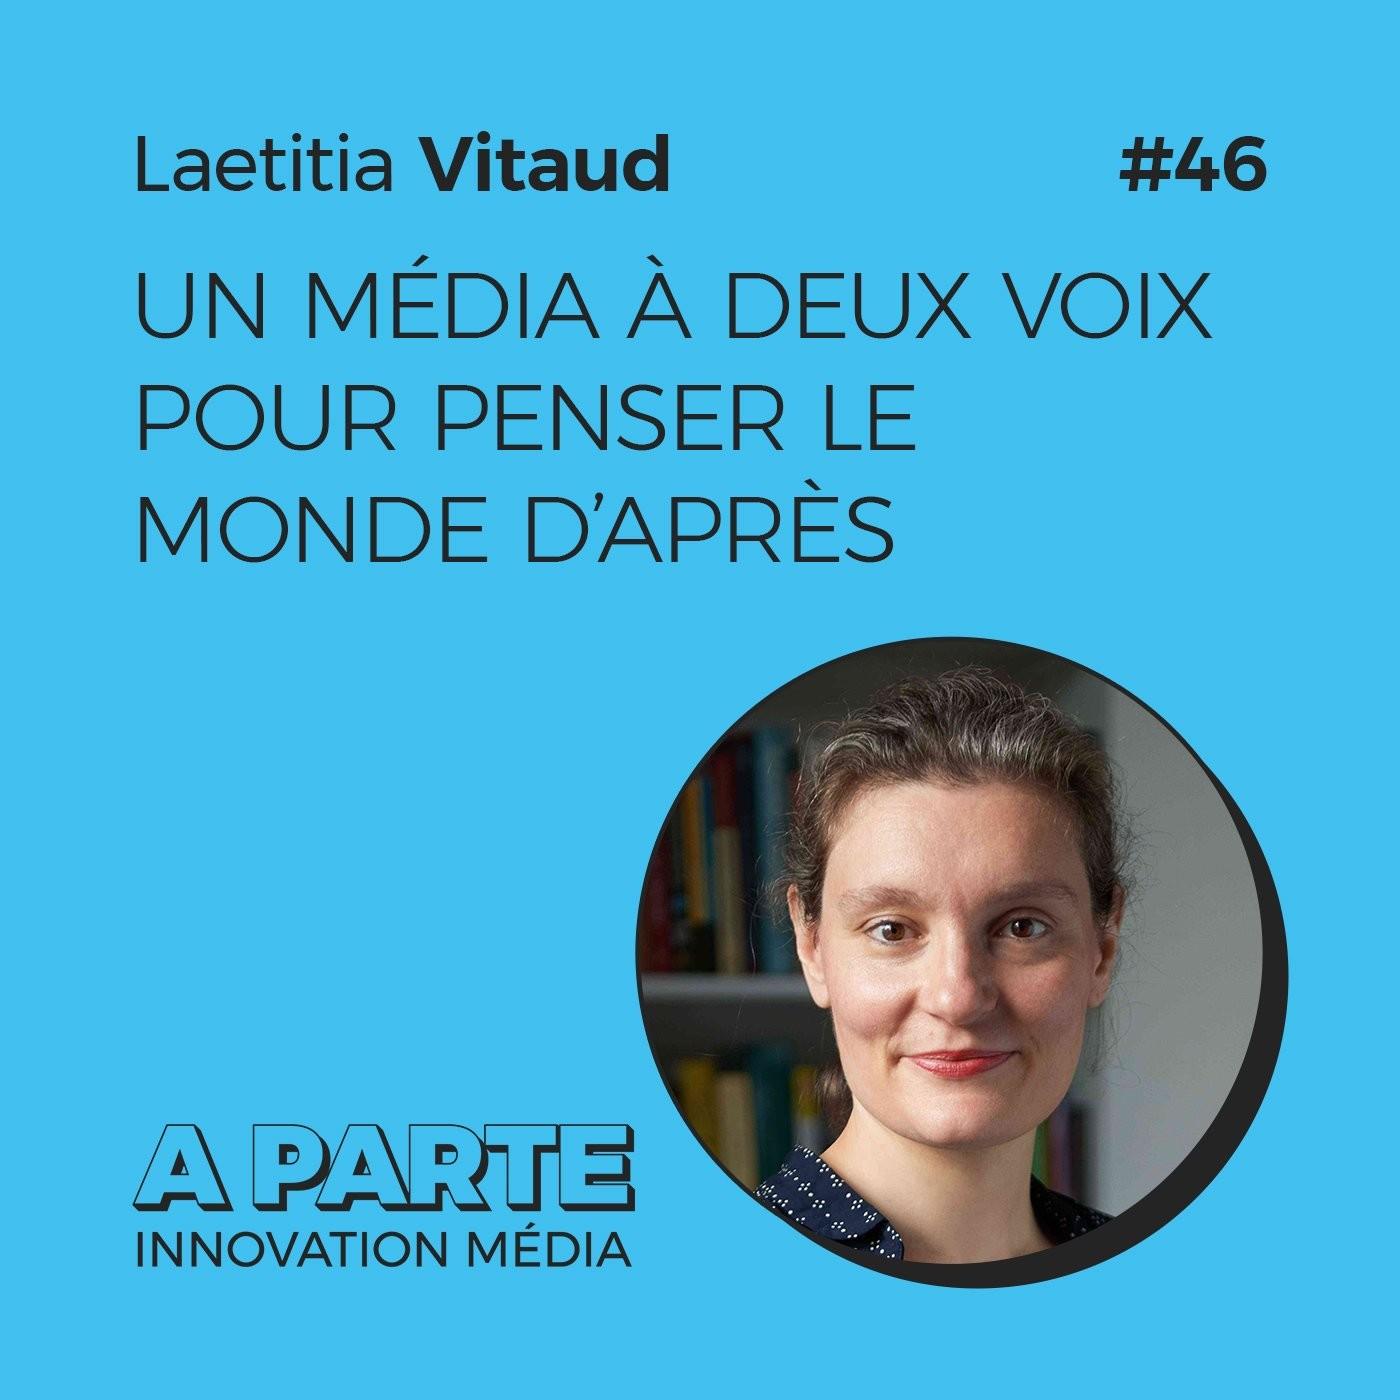 Un média à deux voix pour penser le monde d'après, avec Laetitia Vitaud